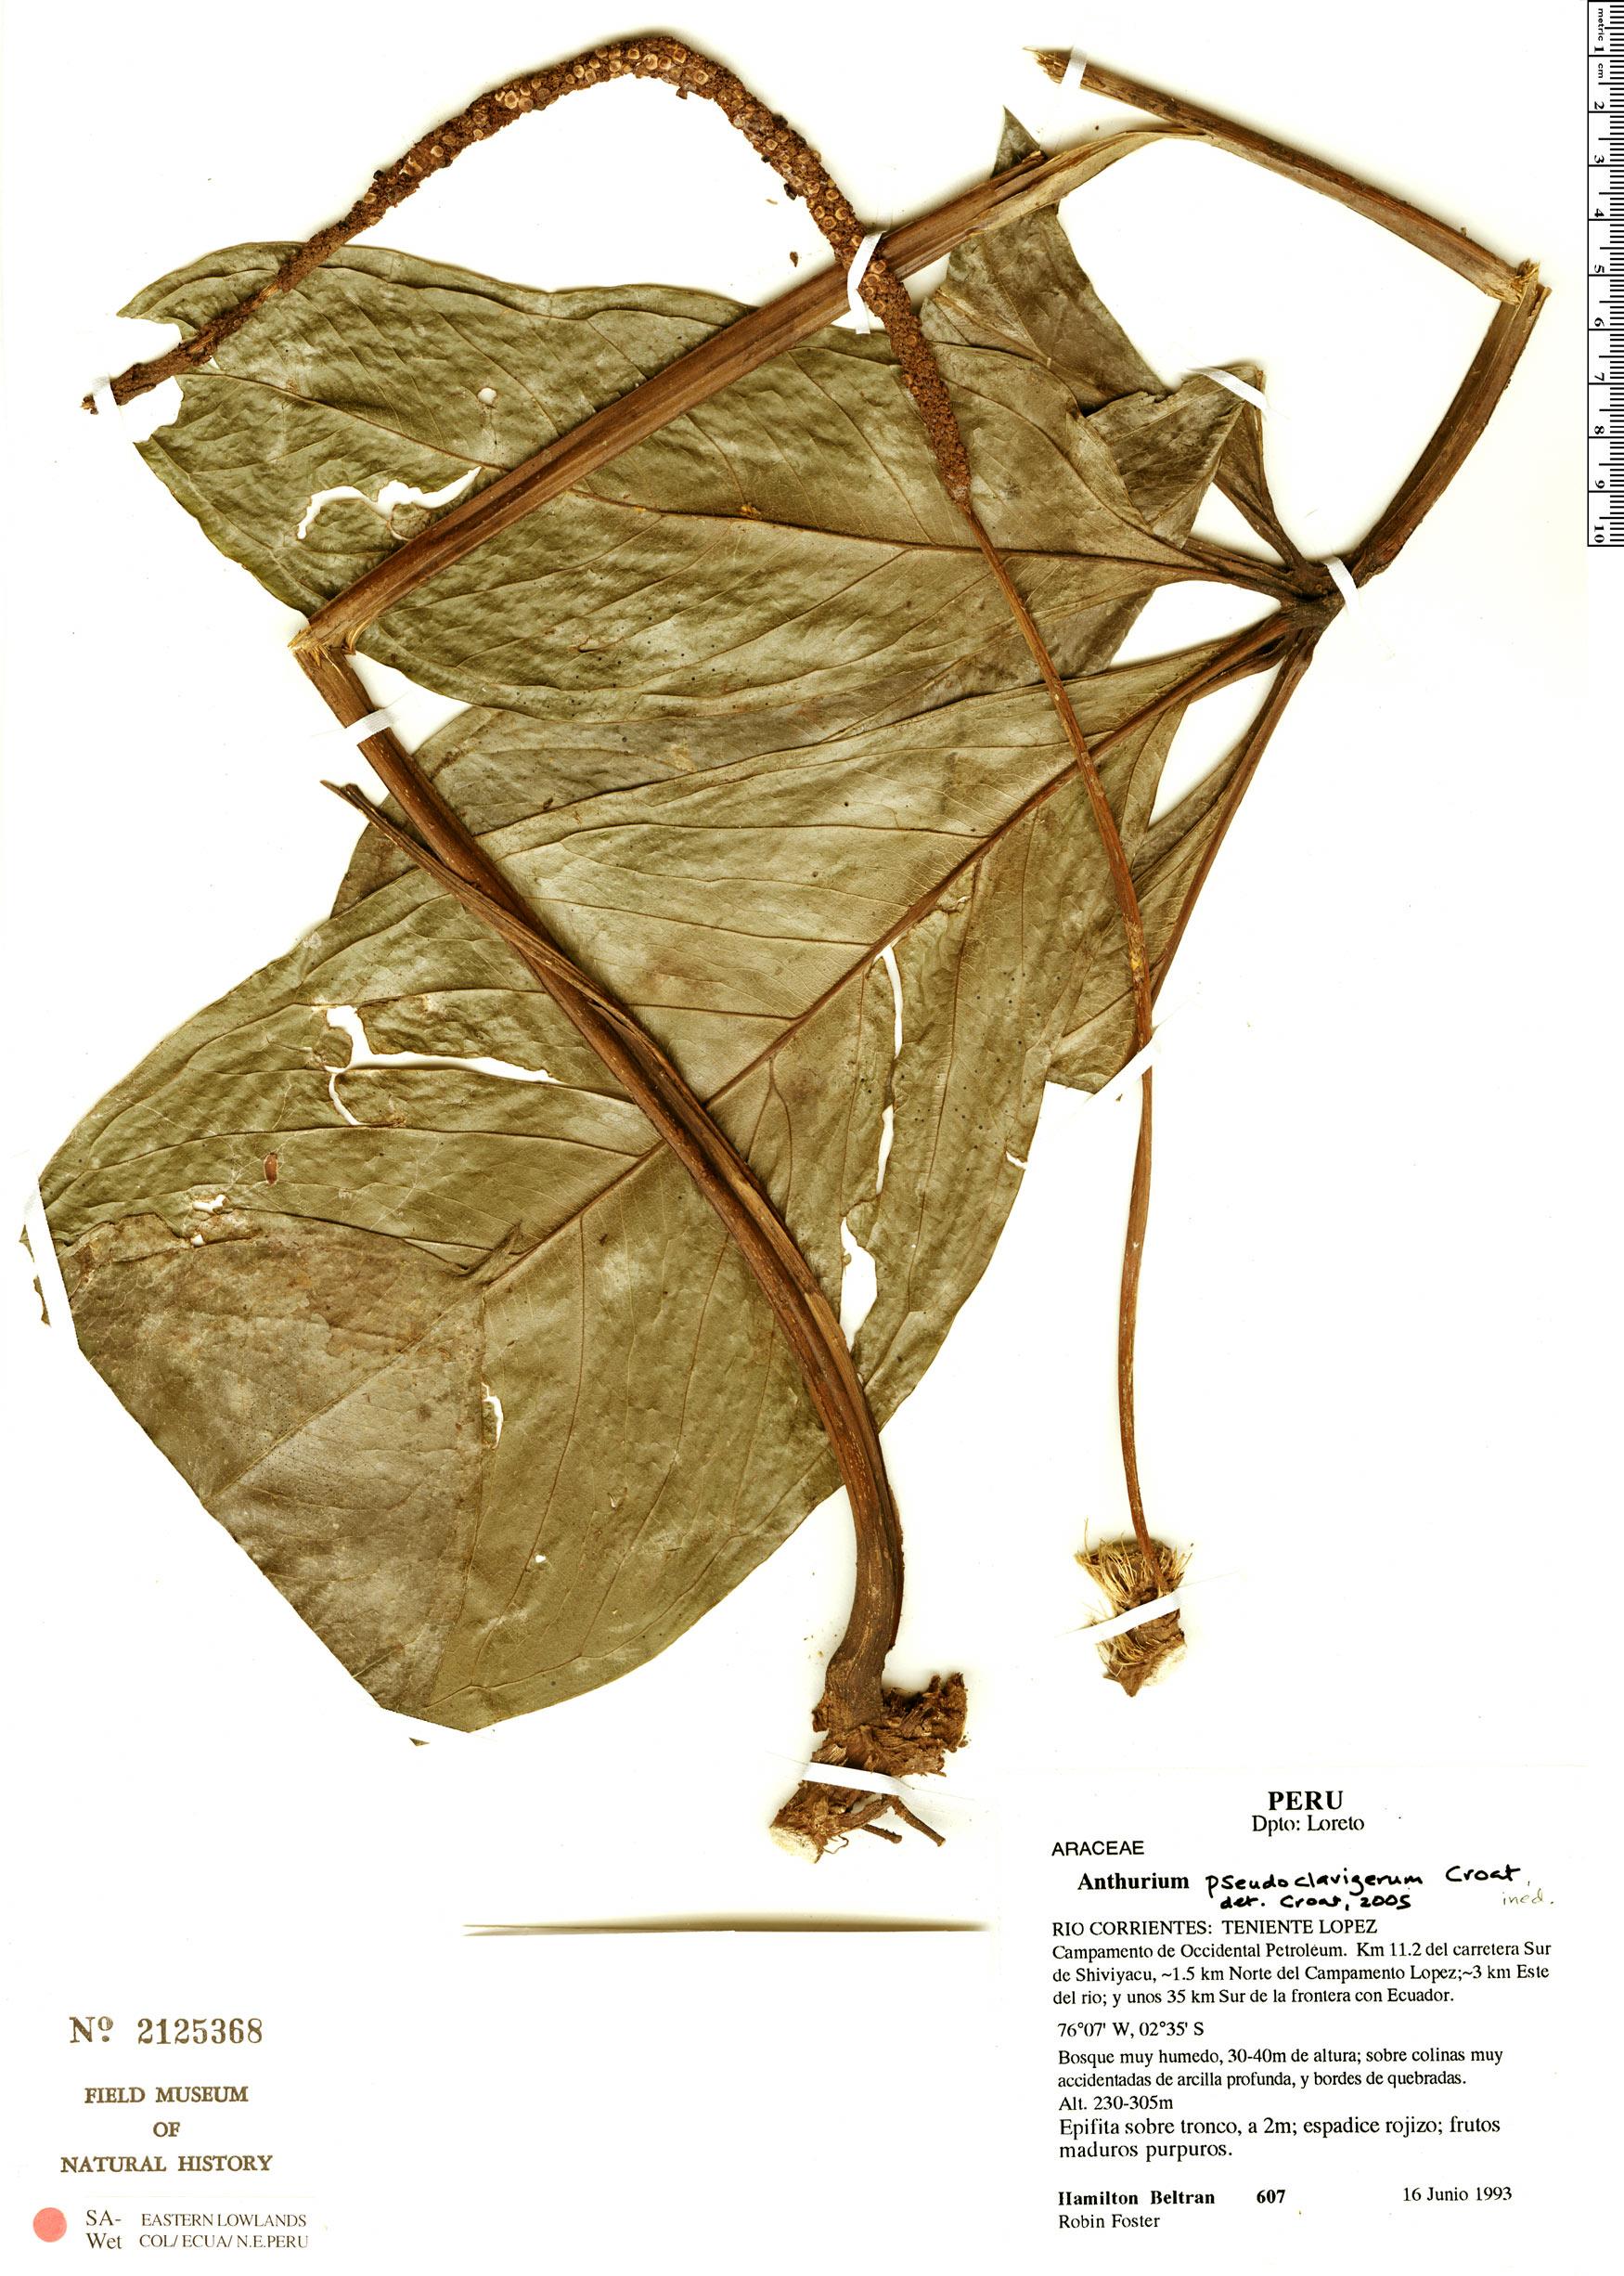 Specimen: Anthurium pseudoclavigerum